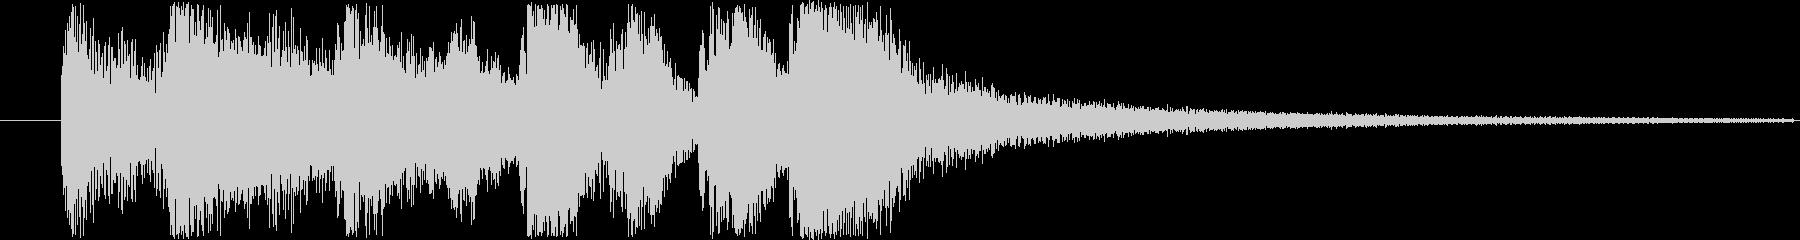 レベルアップやクリア時の効果音・SEの未再生の波形